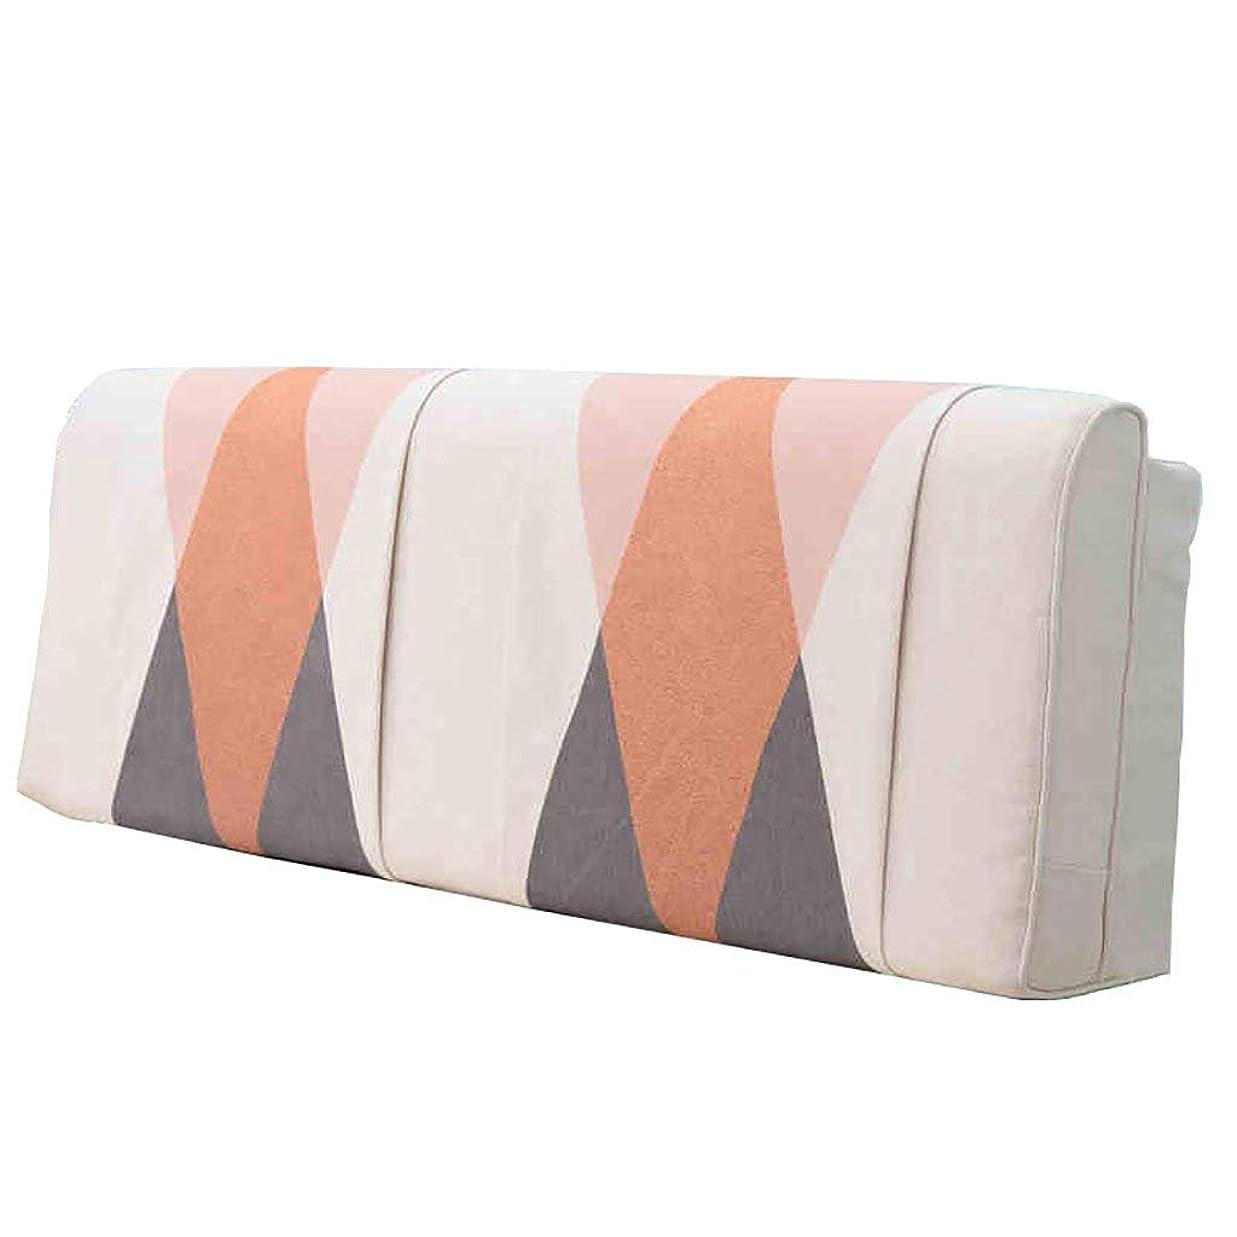 自伝ガイドライン送料SXT クッションダブルベッド長枕背もたれ枕ソファソフトバッグ (Color : A, サイズ : [bedside] 120X58cm)